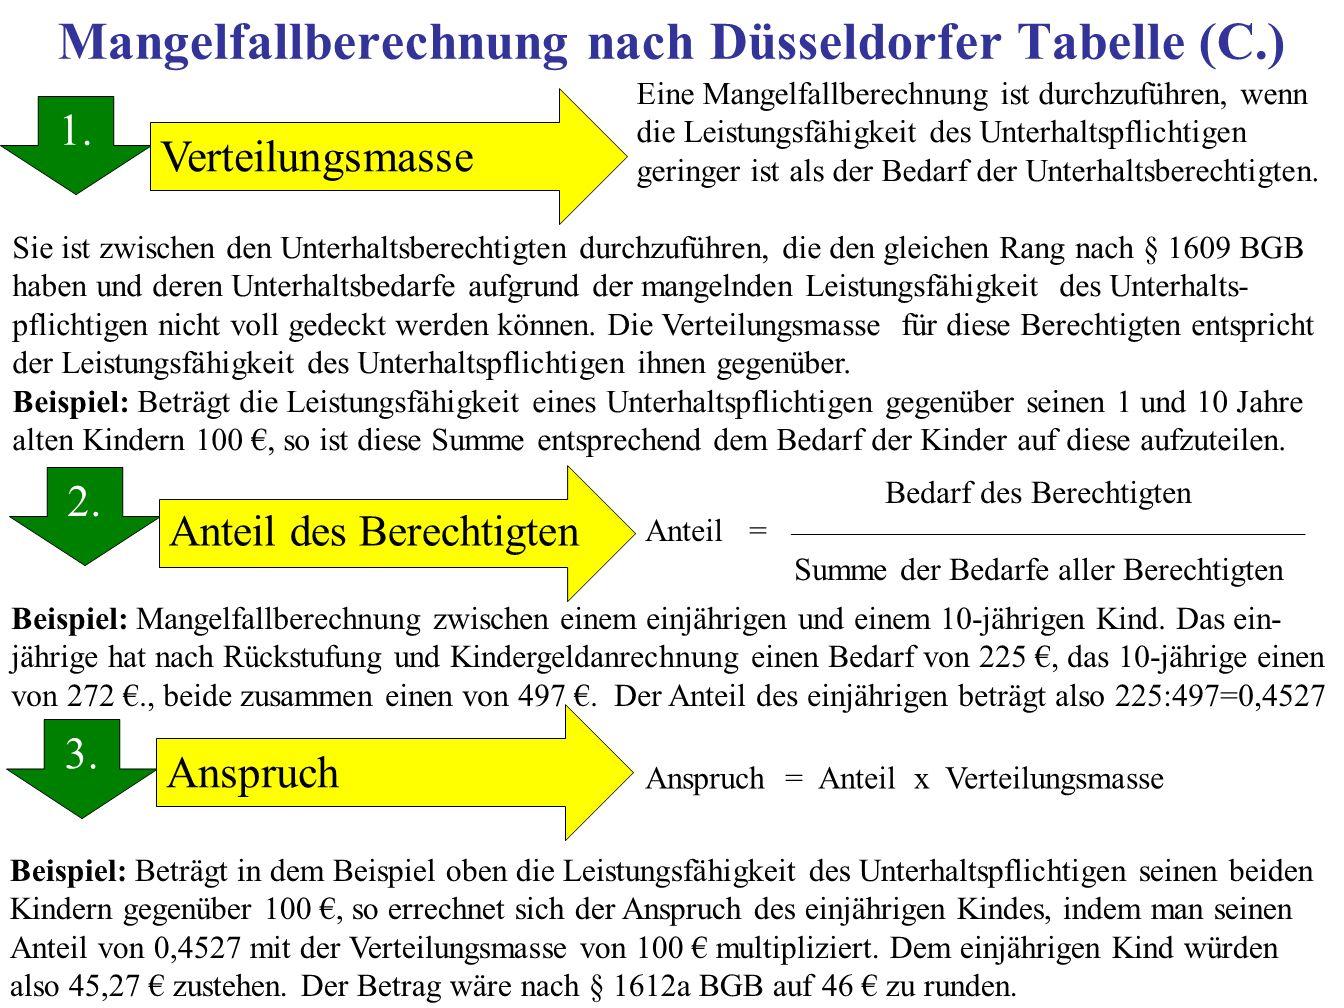 Mangelfallberechnung nach Düsseldorfer Tabelle (C.) 1. 2. 3. 1. Anteil des Berechtigten Verteilungsmasse Anspruch Eine Mangelfallberechnung ist durchz